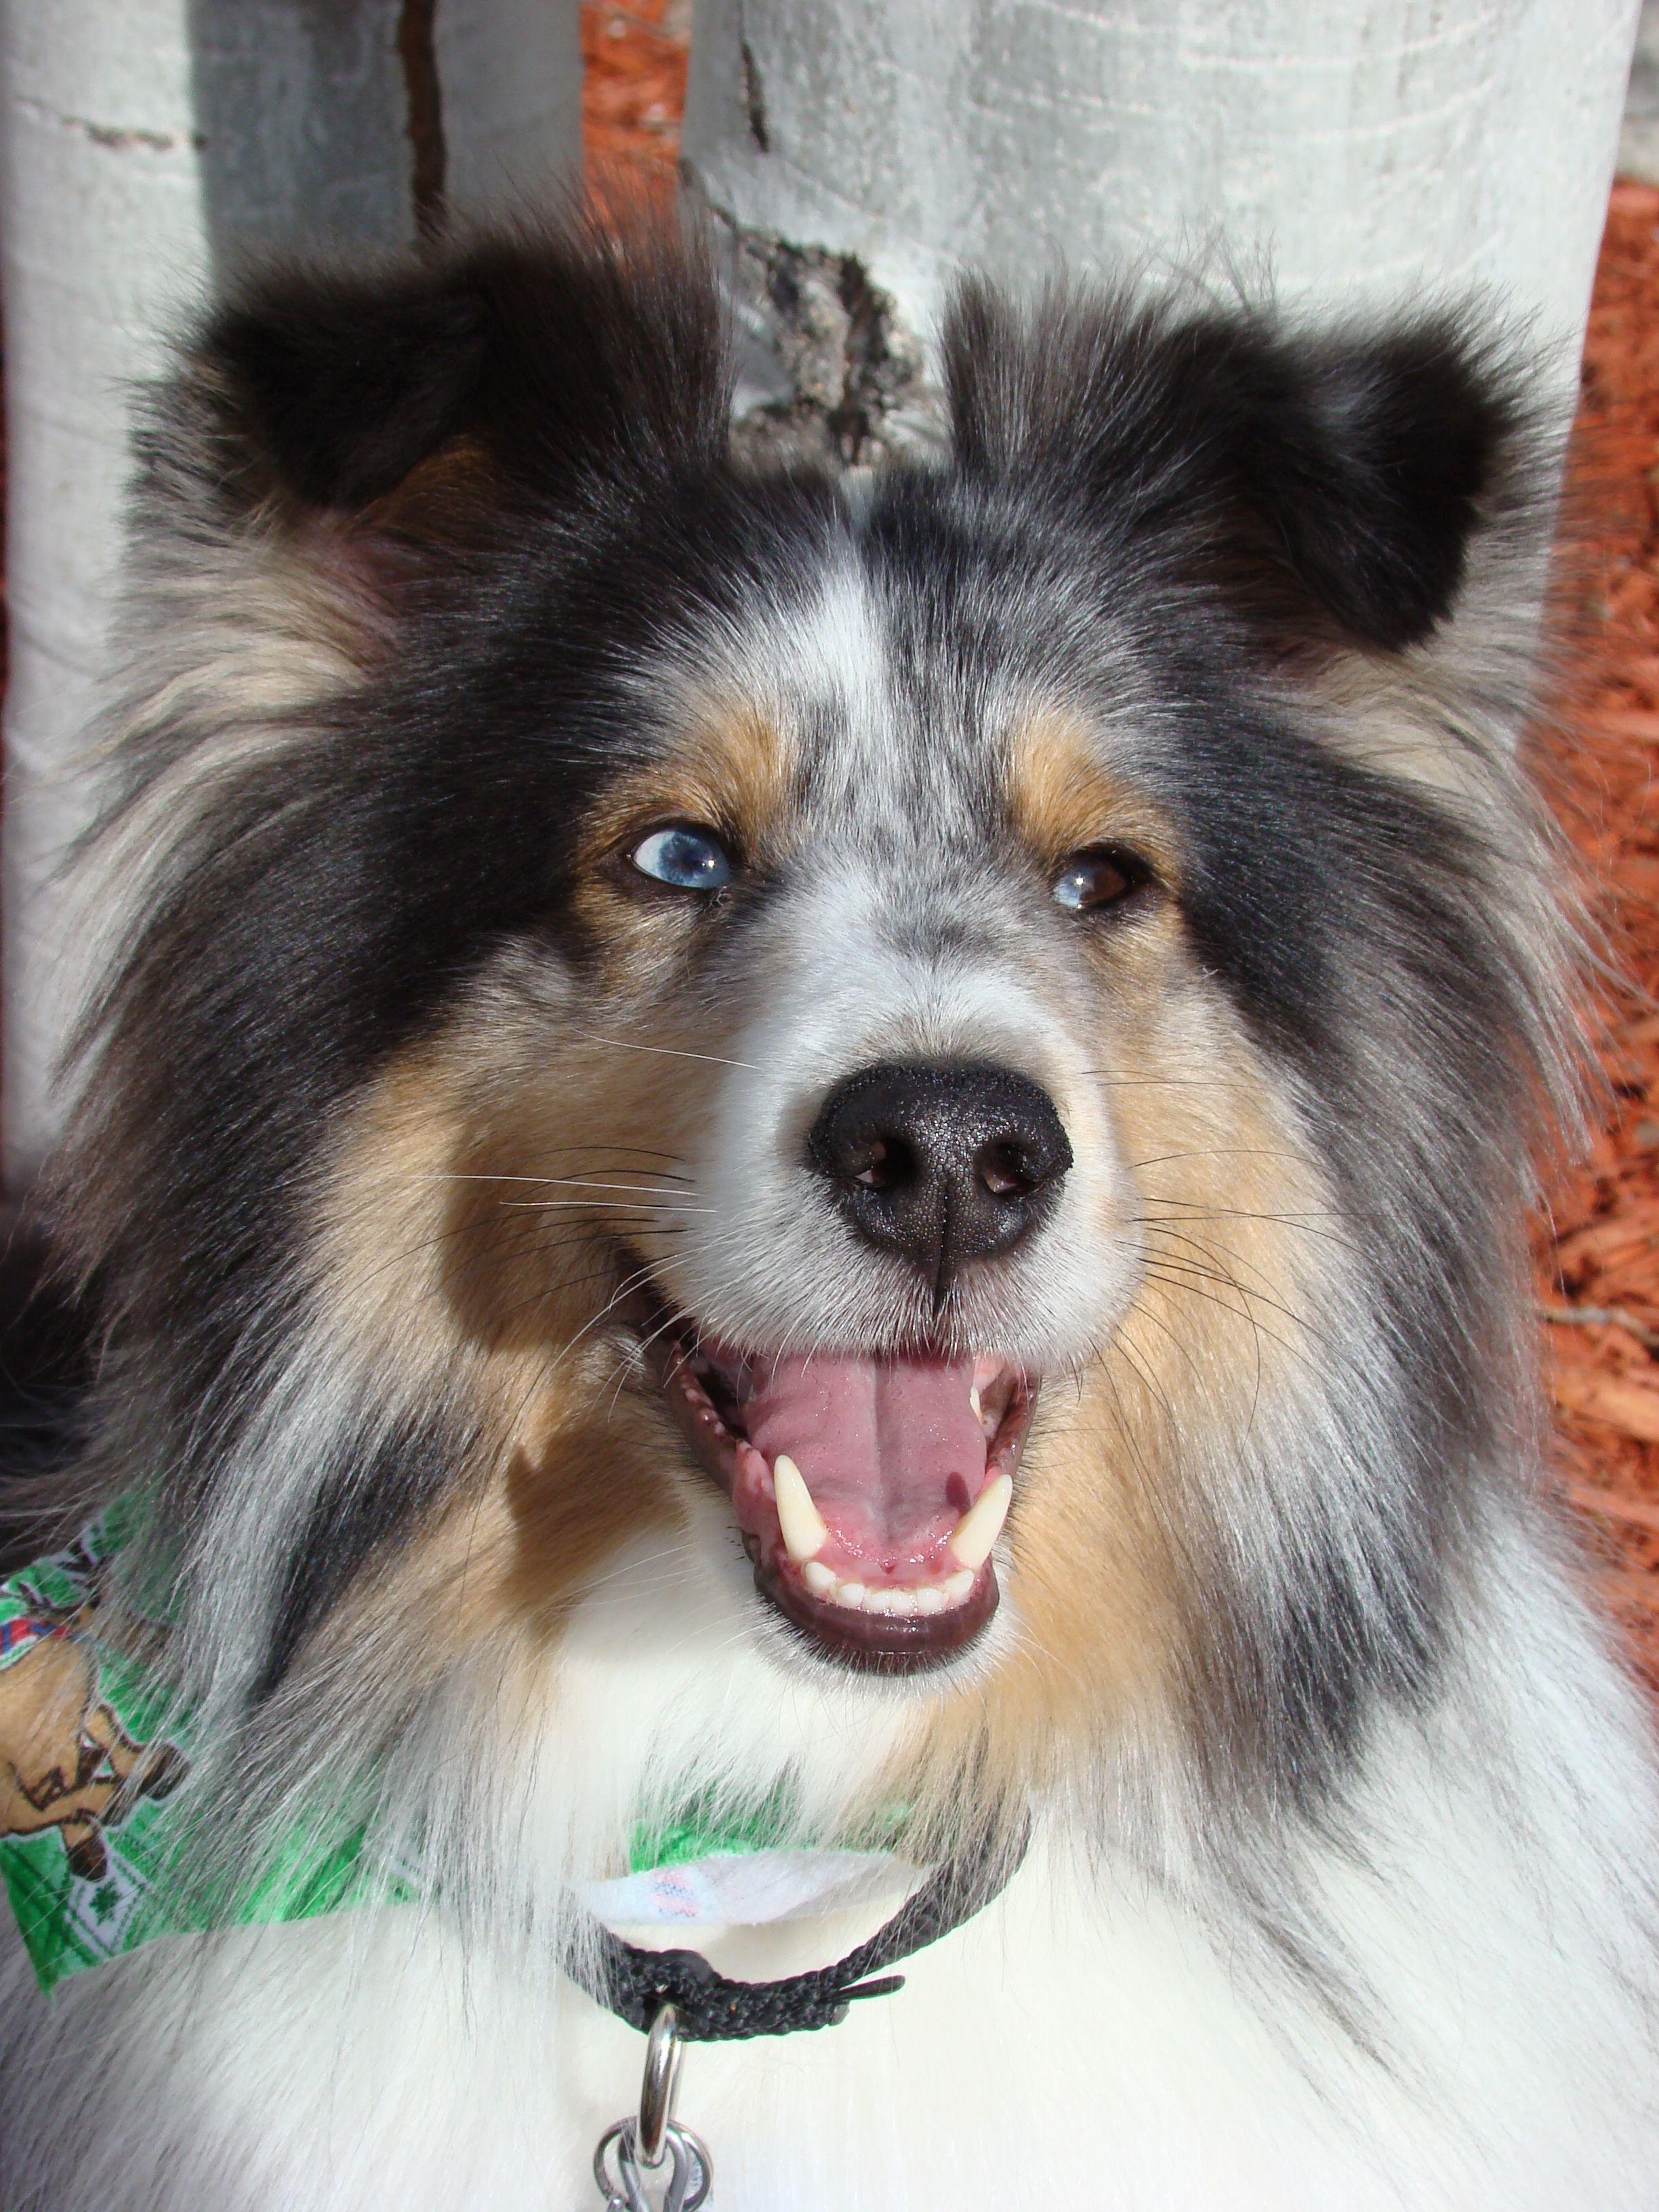 Meet Aspen - a darling Sheltie!